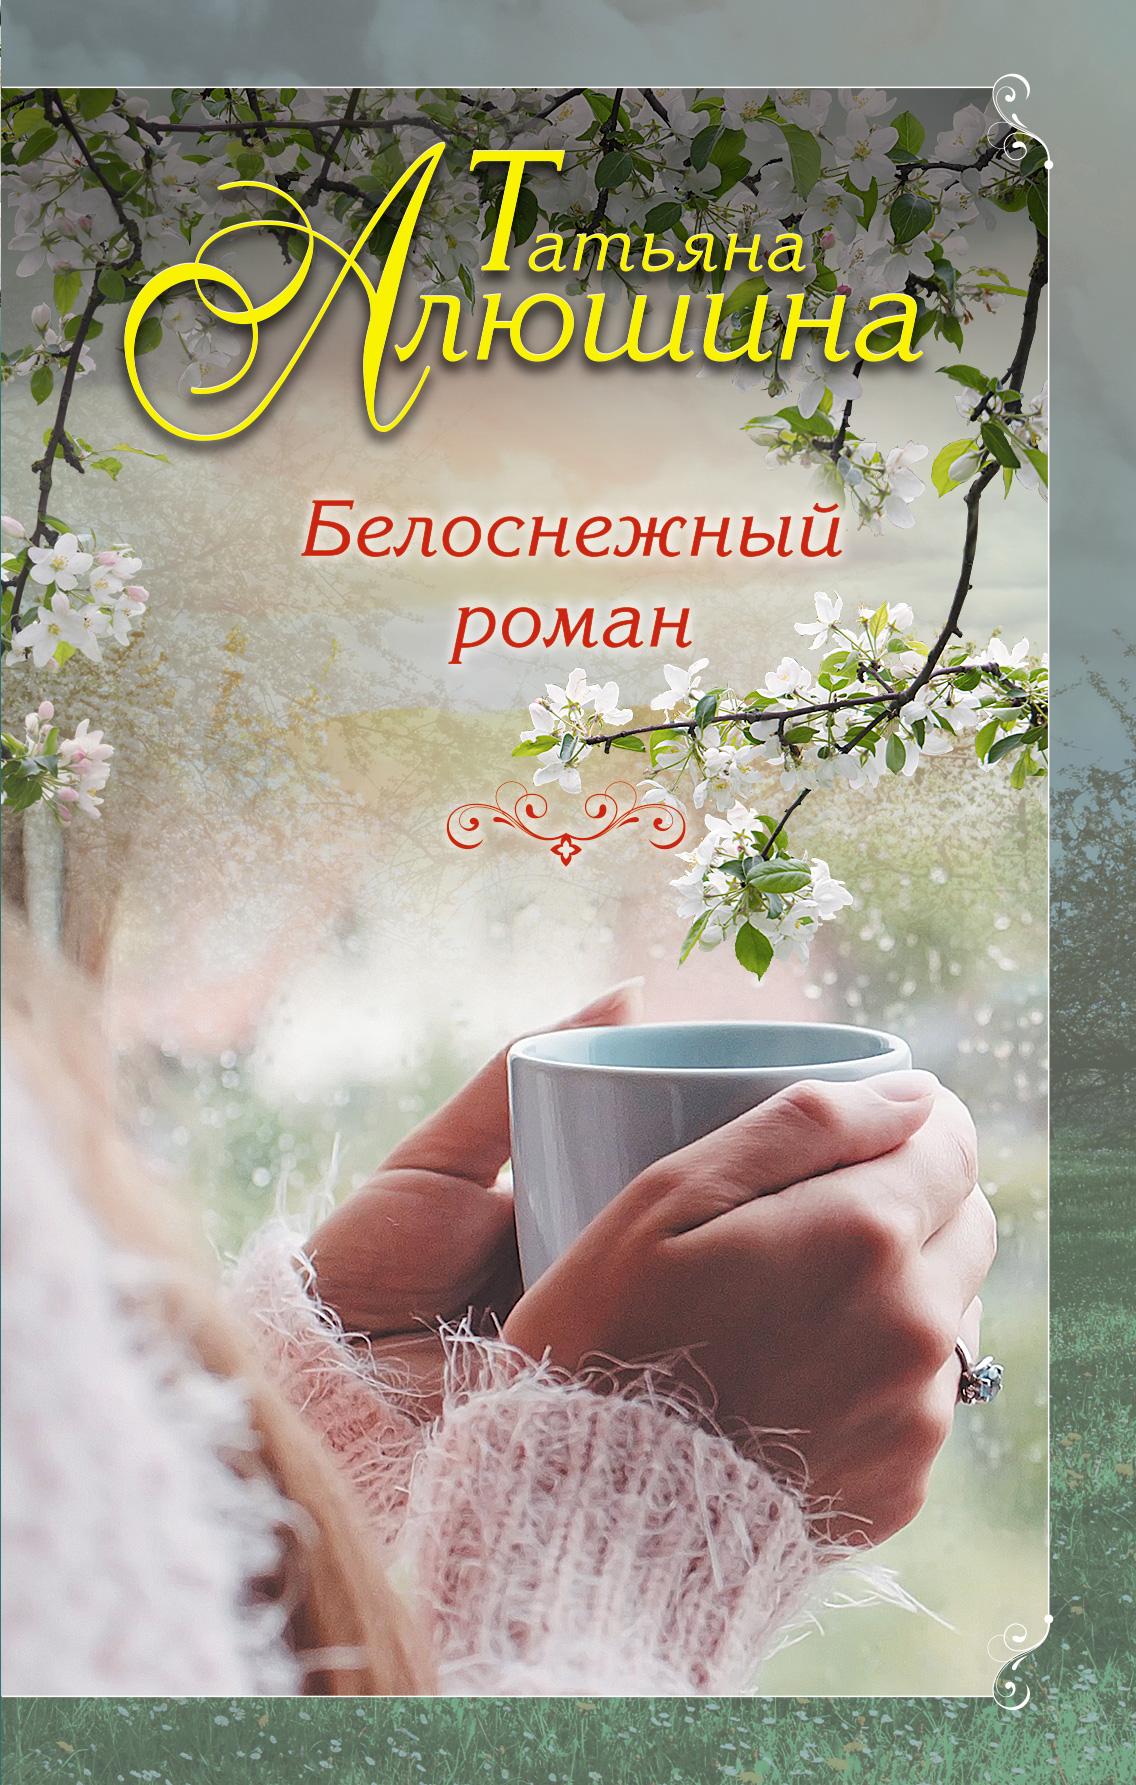 обложка электронной книги Белоснежный роман